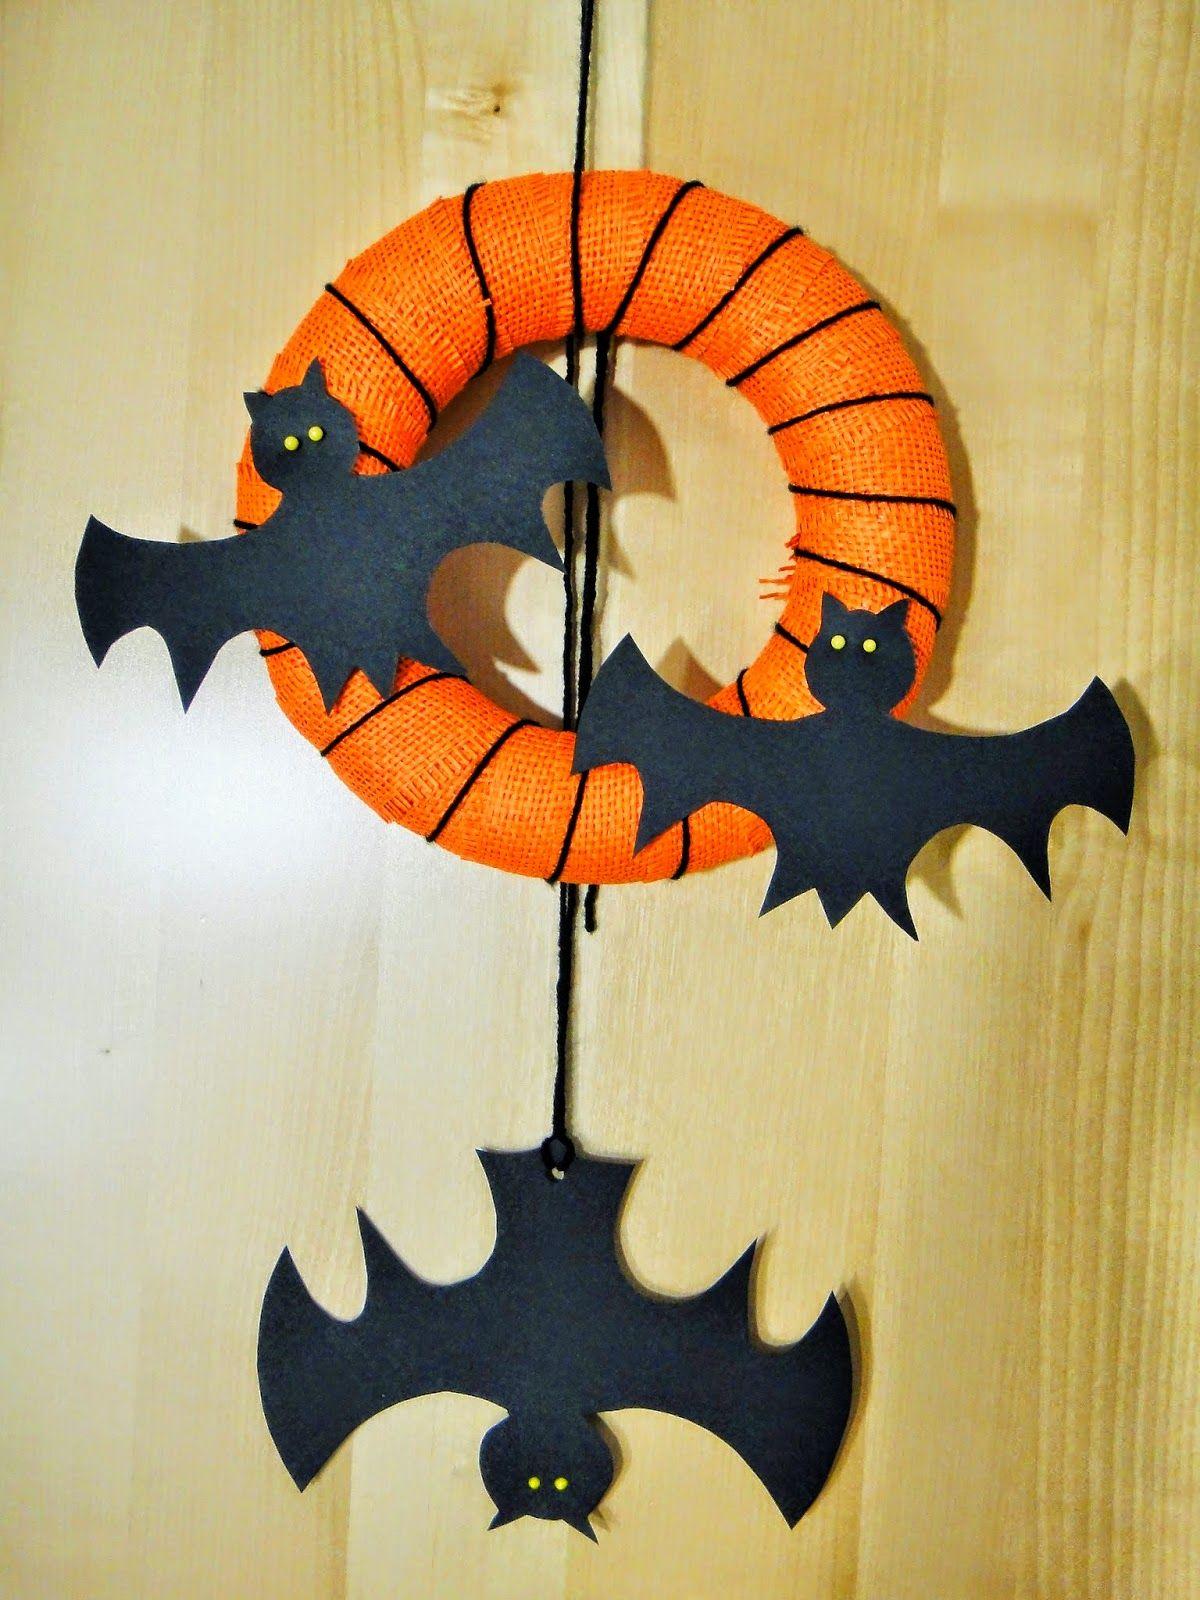 Ines Felix - Kreatives zum Nachmachen: Halloween-Türkranz mit Fledermäusen #geisterbasteln